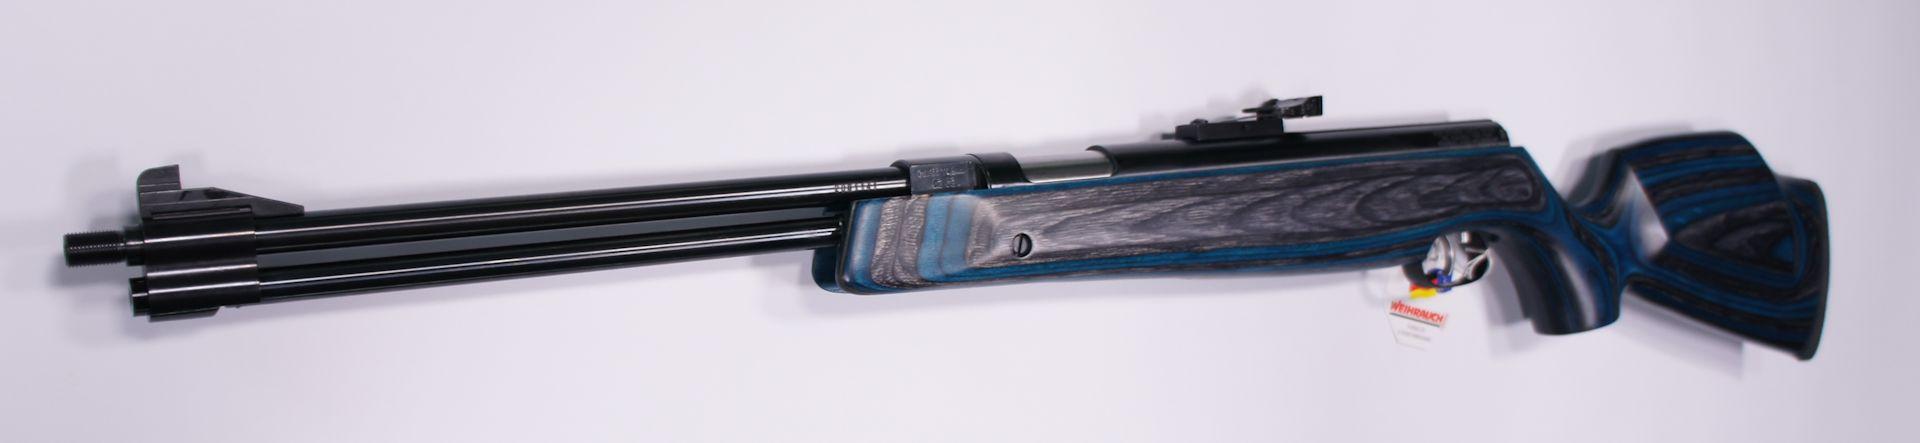 Luftgewehr HW 77 K mit Laufgewinde und Schalldämpfer im blauen Schichtholzschaft  von vorne. Der Schalldämpfer gehört zum Lieferumfang.